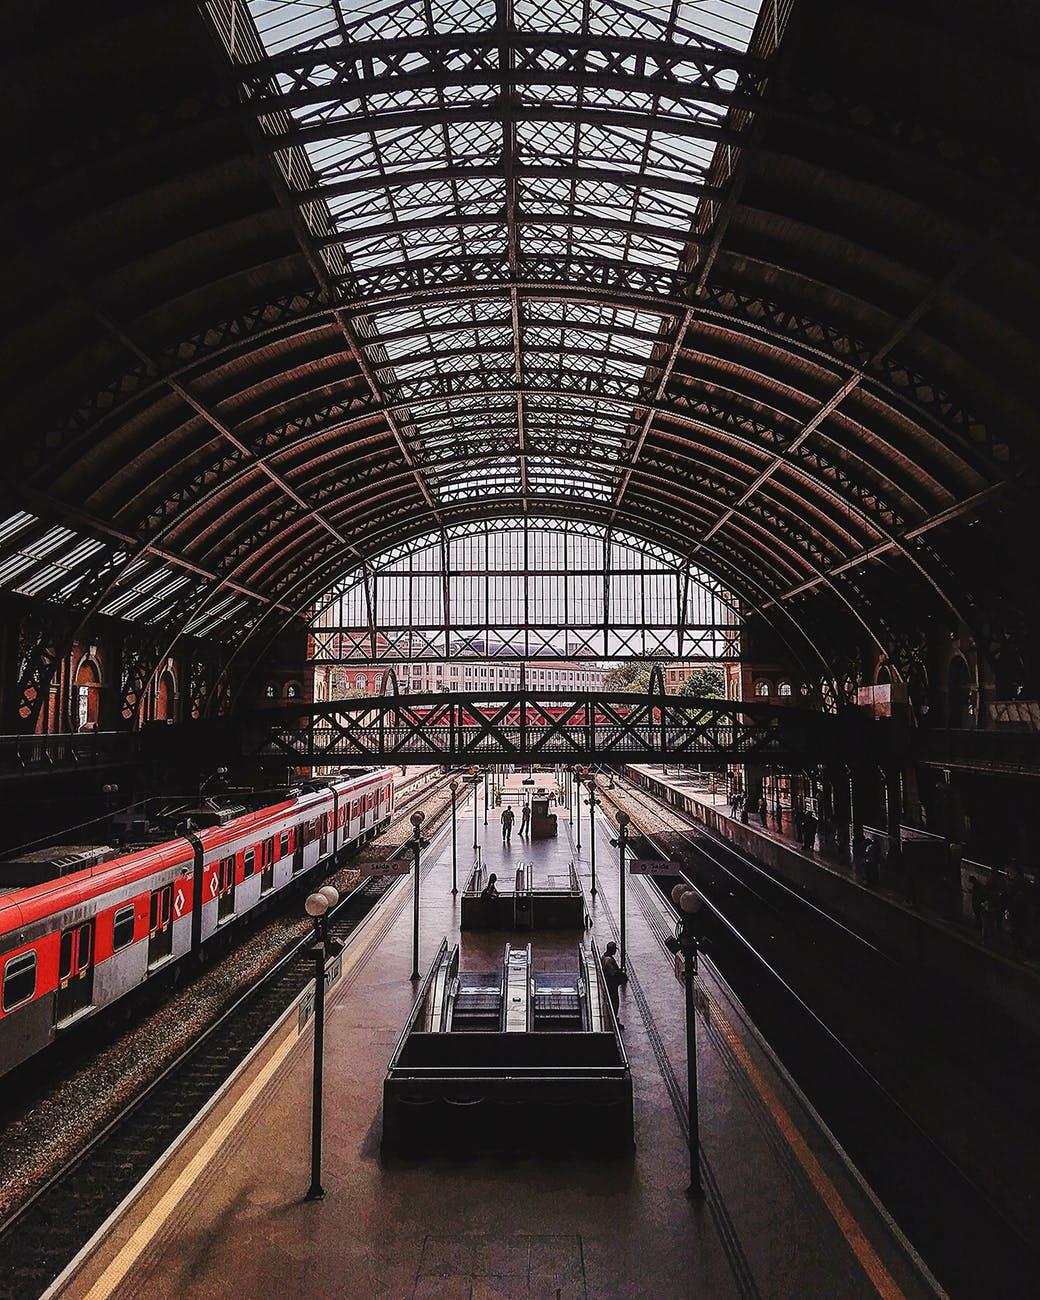 Eisenbahnl, Zug.